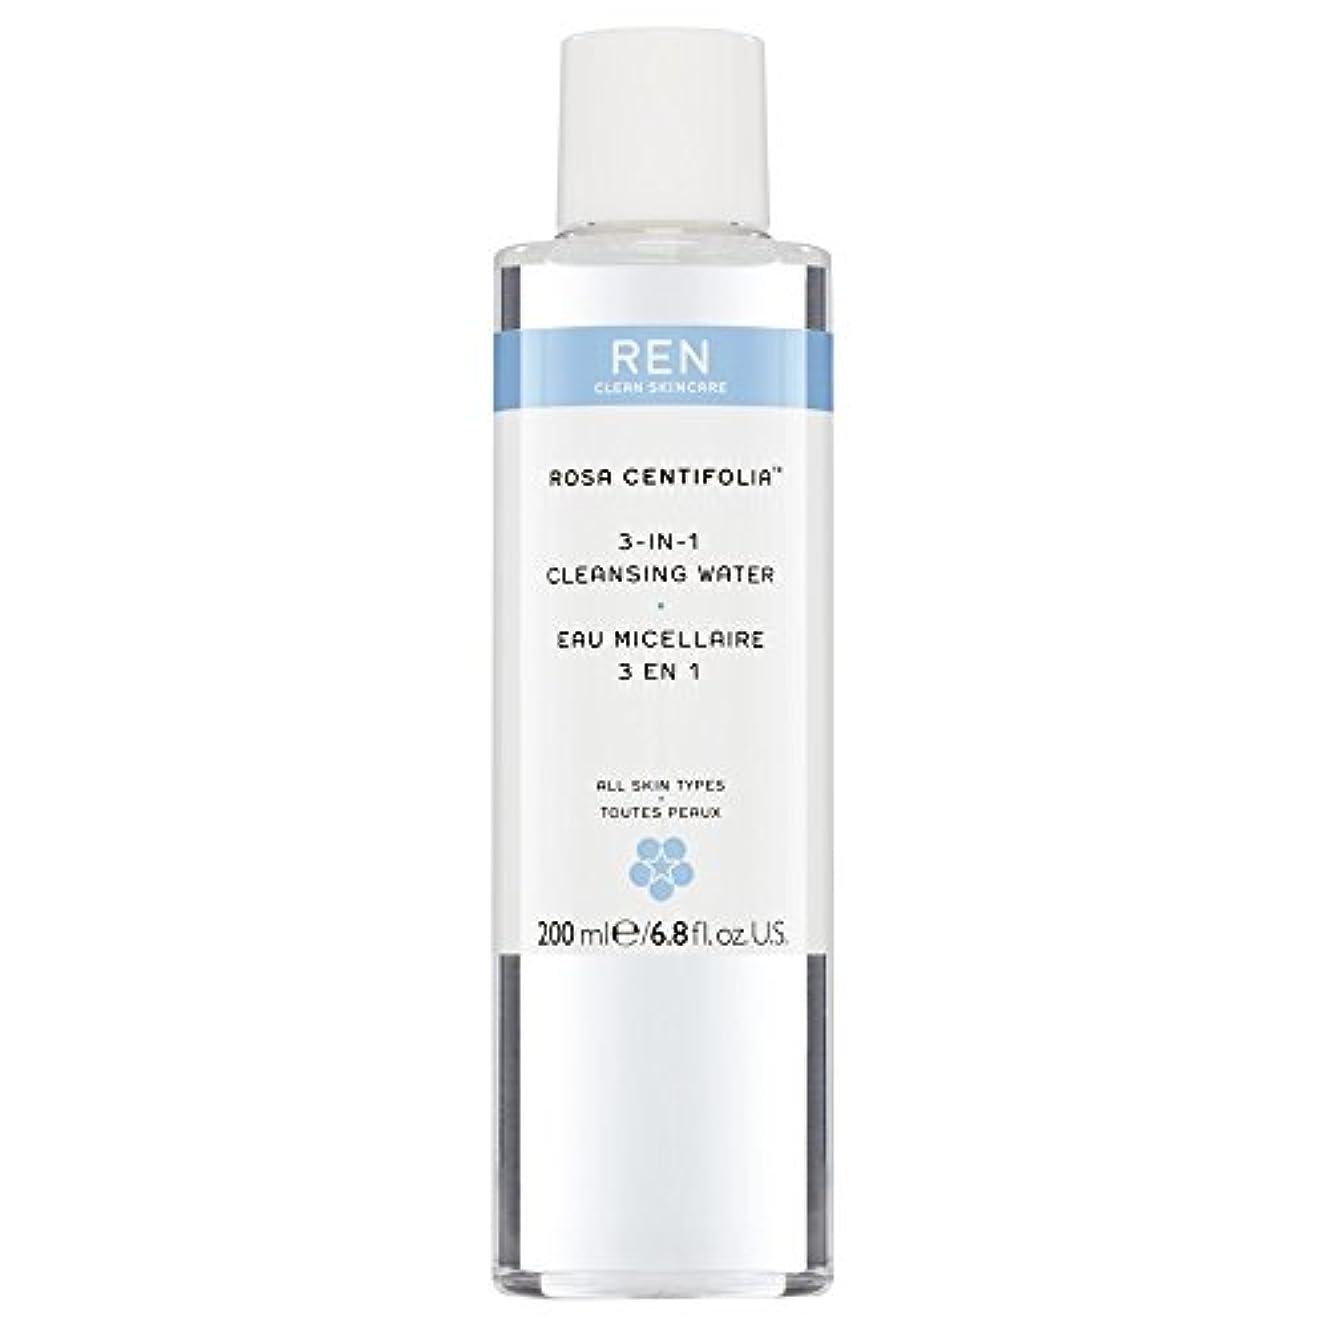 洞察力飲料イヤホン200ミリリットルの水を浄化するRenローザセンチフォリアバラ、 (REN) (x6) - REN Rosa Centifolia Cleansing Water, 200ml (Pack of 6) [並行輸入品]